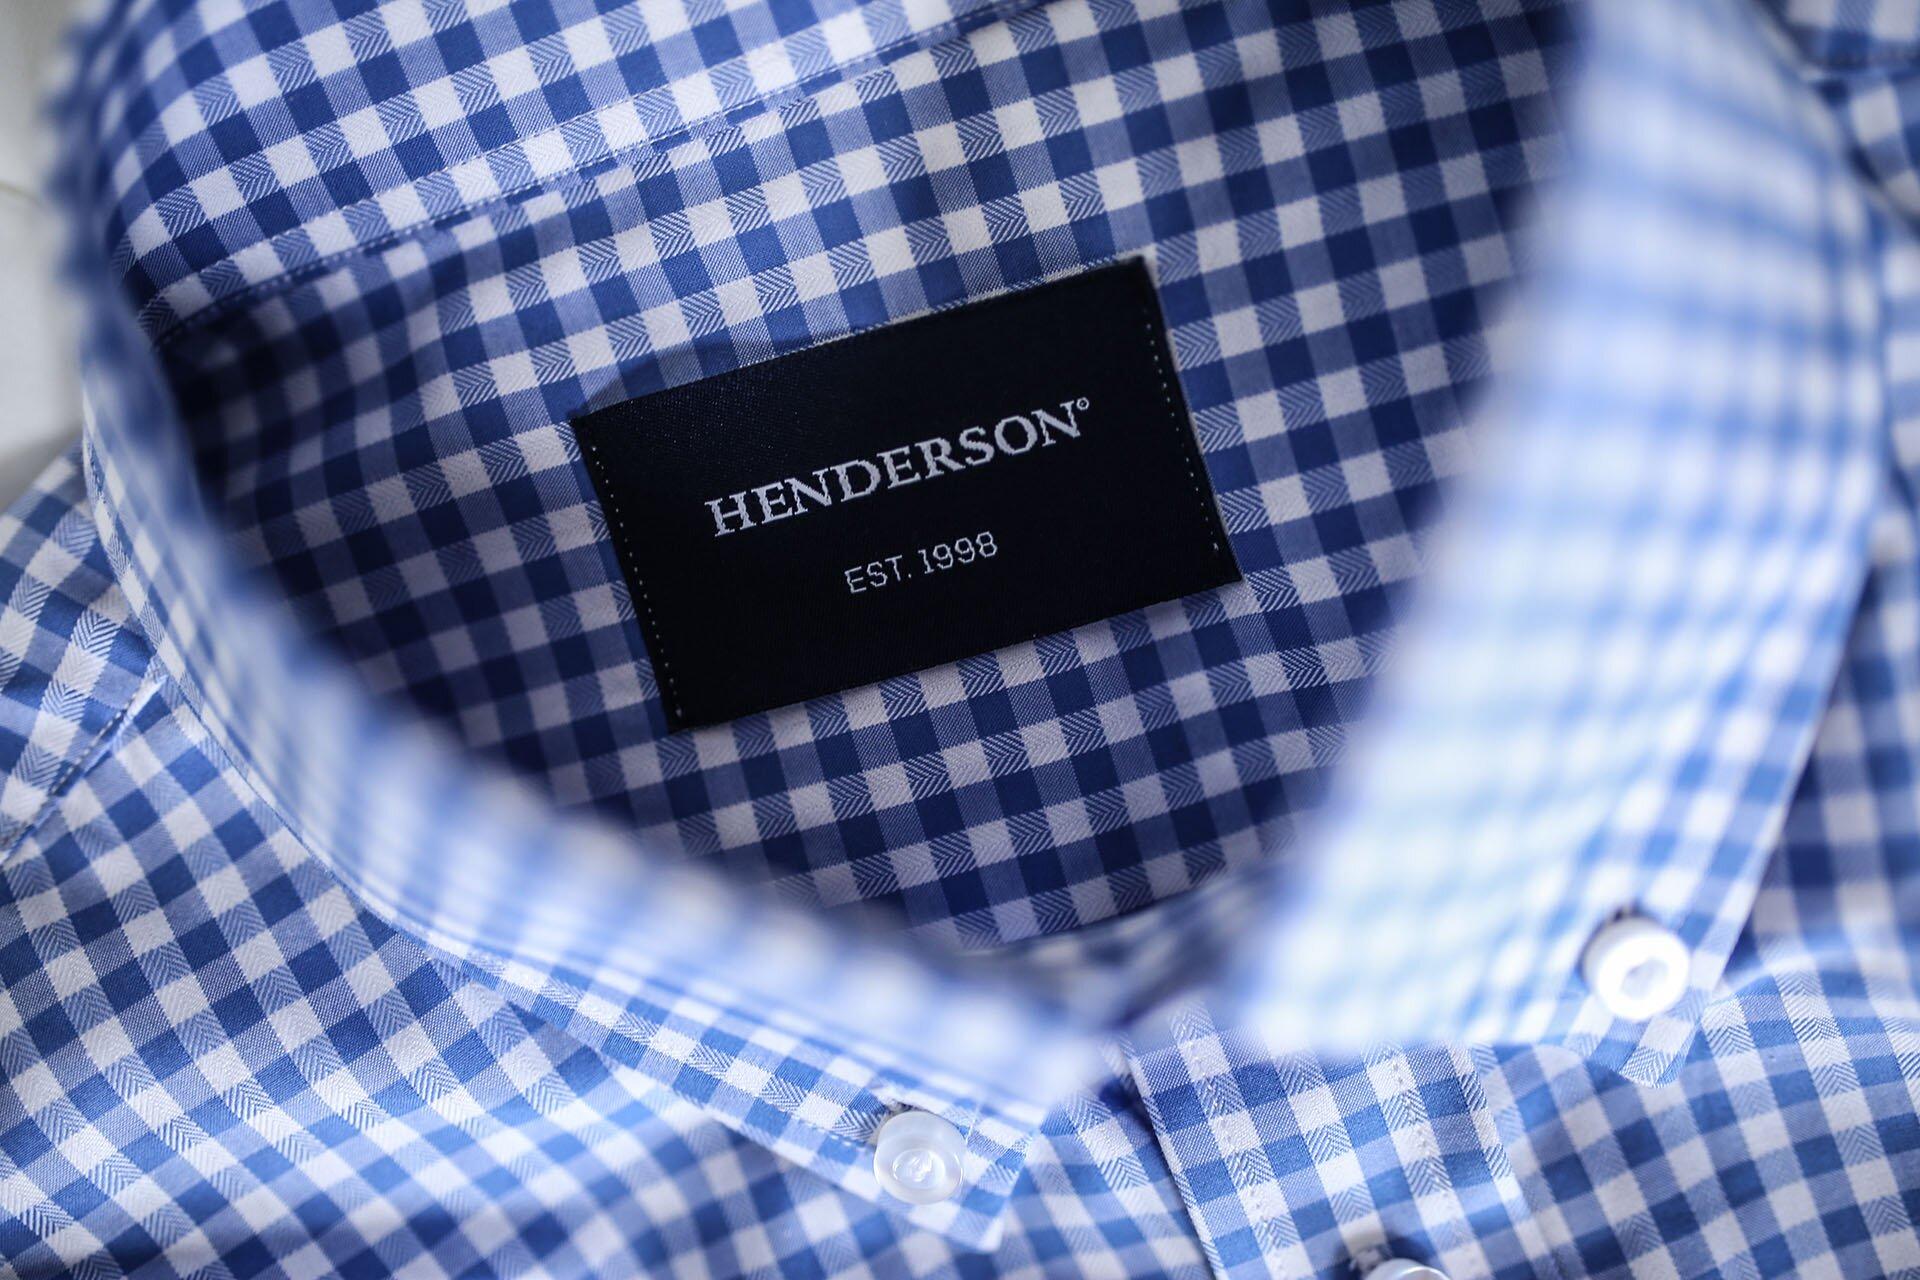 Koszula szyta na miarę, Koszula Henderson, Koszula męska na miarę, Rzeczy szyte na miarę online, Koszula online, Koszula w niebieską kratę Vichy, Moda męska blog, Blog o modzie męskiej, GMALE by Grzegorz Paliś